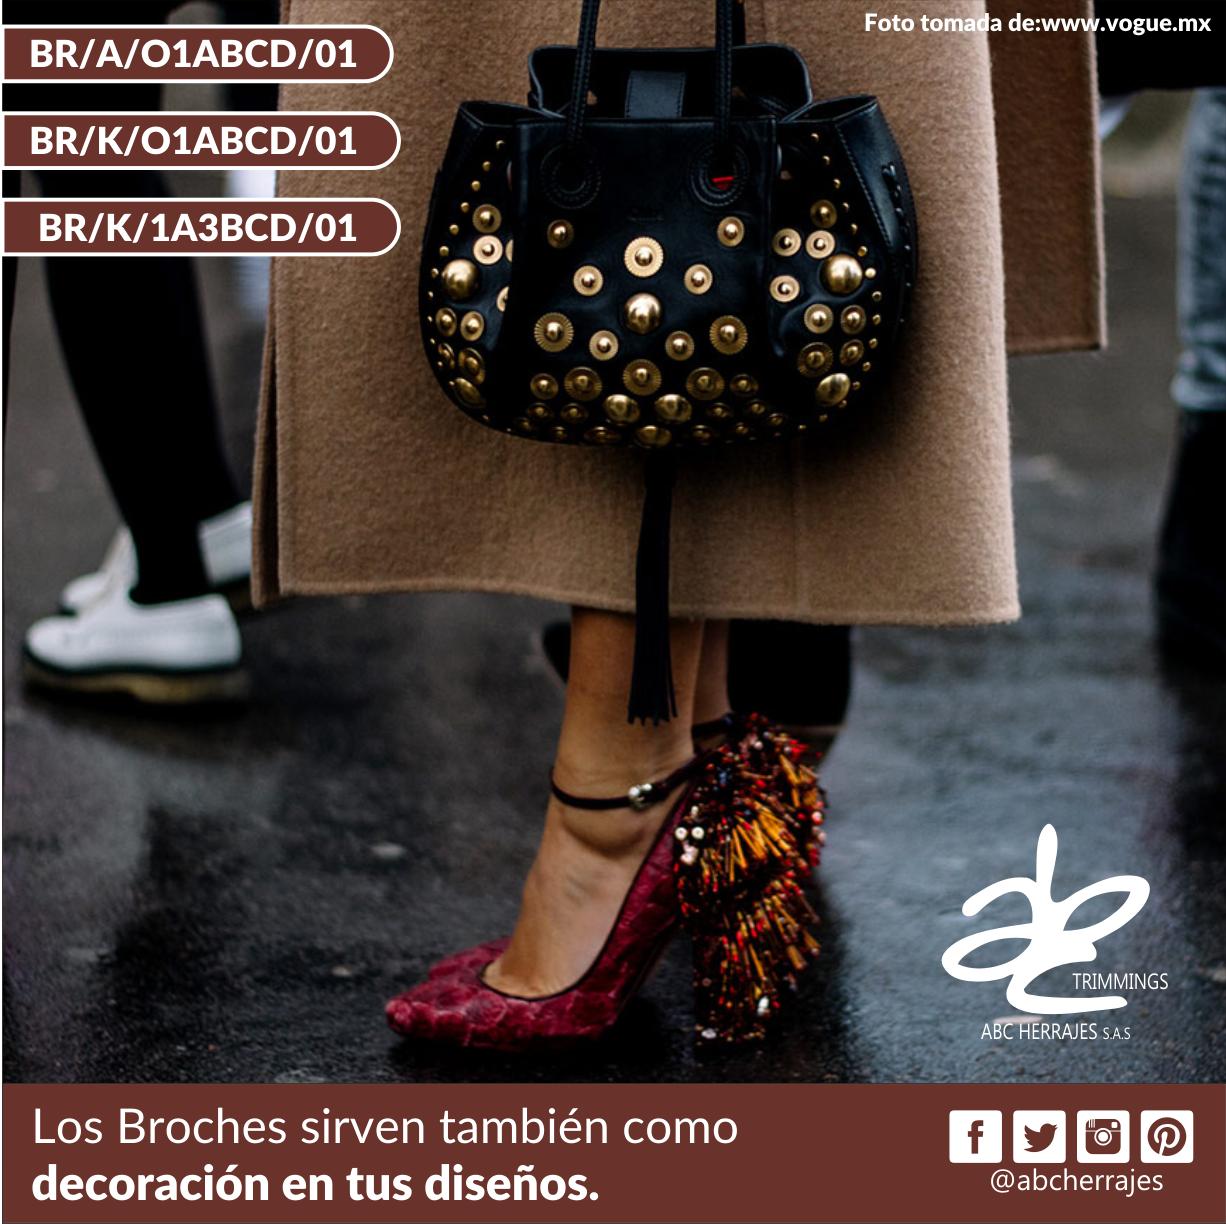 Los #Broches sirven también como #Decoracion en tus #Diseños. #ABCHerrajes #Estilo #Moda #Vanguardia #Marroquineria #Bolsos #Carteras Visítanos en: www.abcherrajes.com